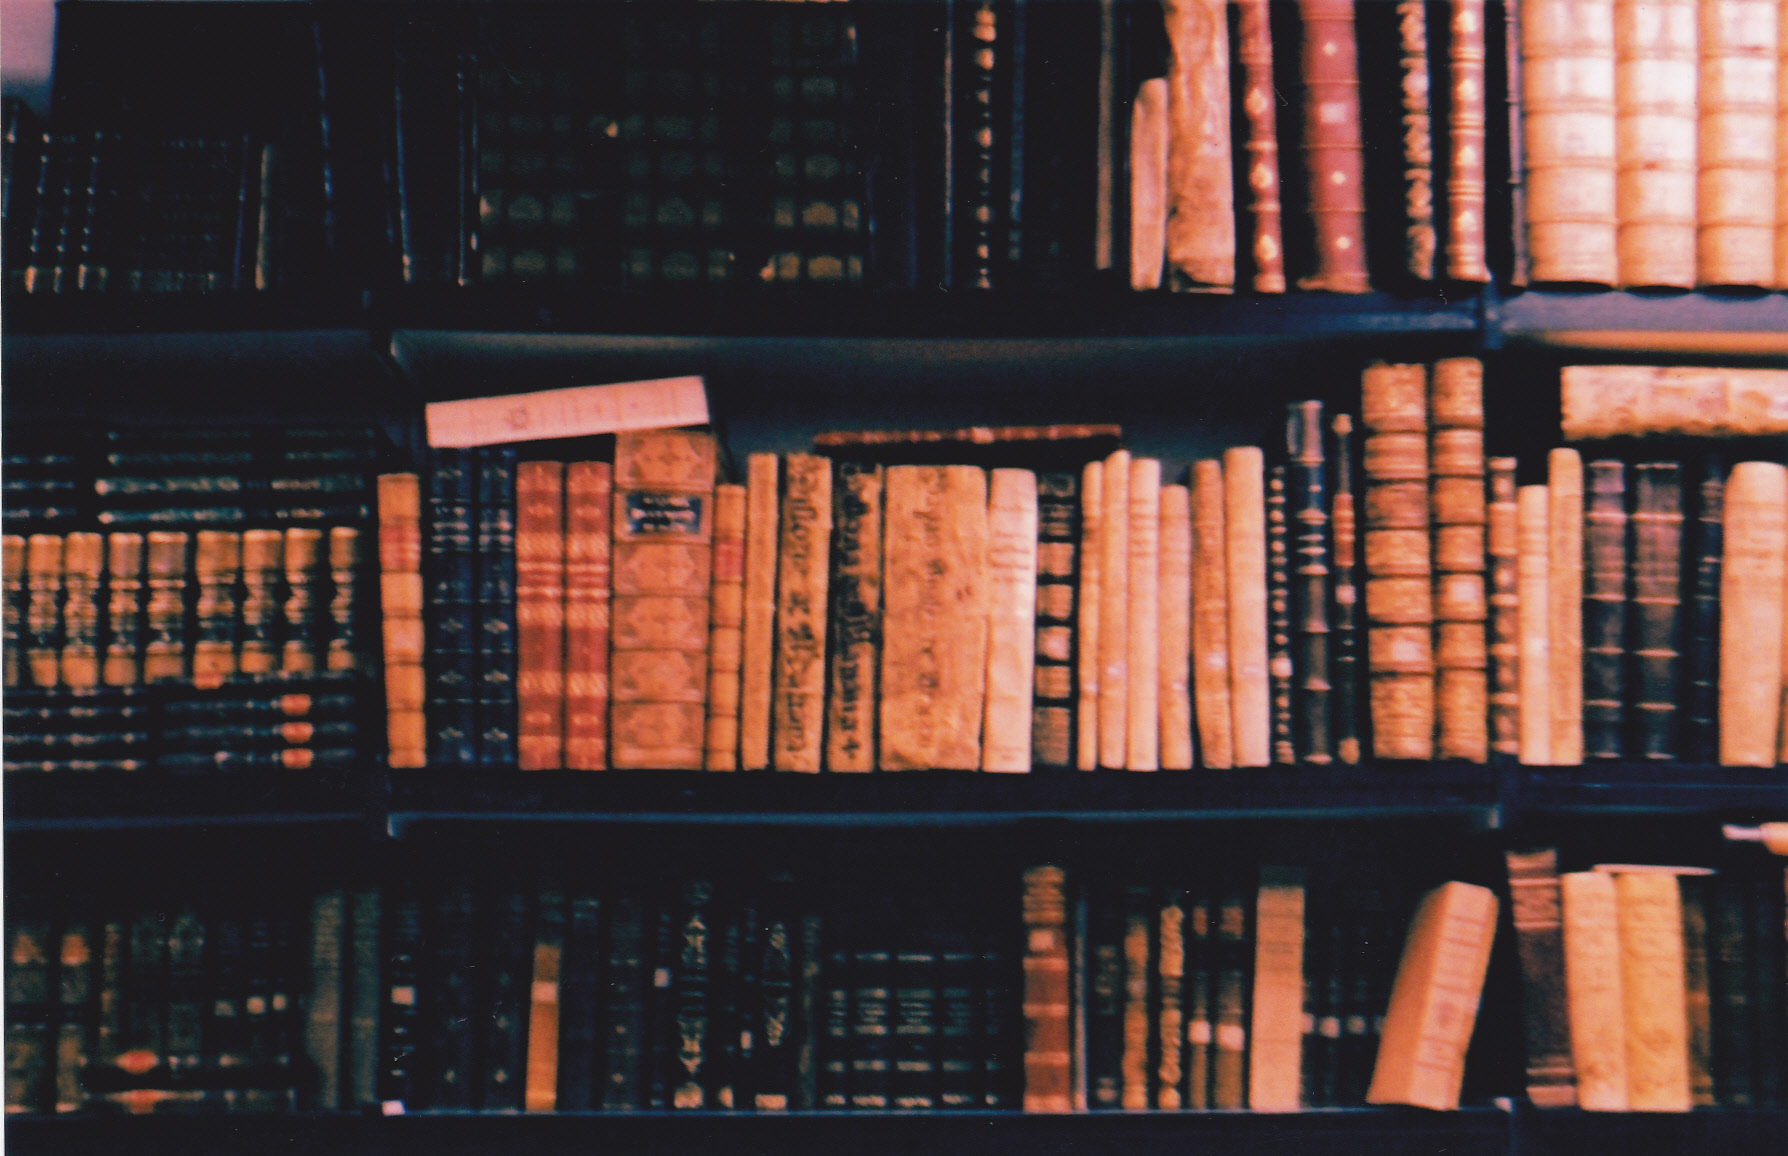 raquelcortes_books -3